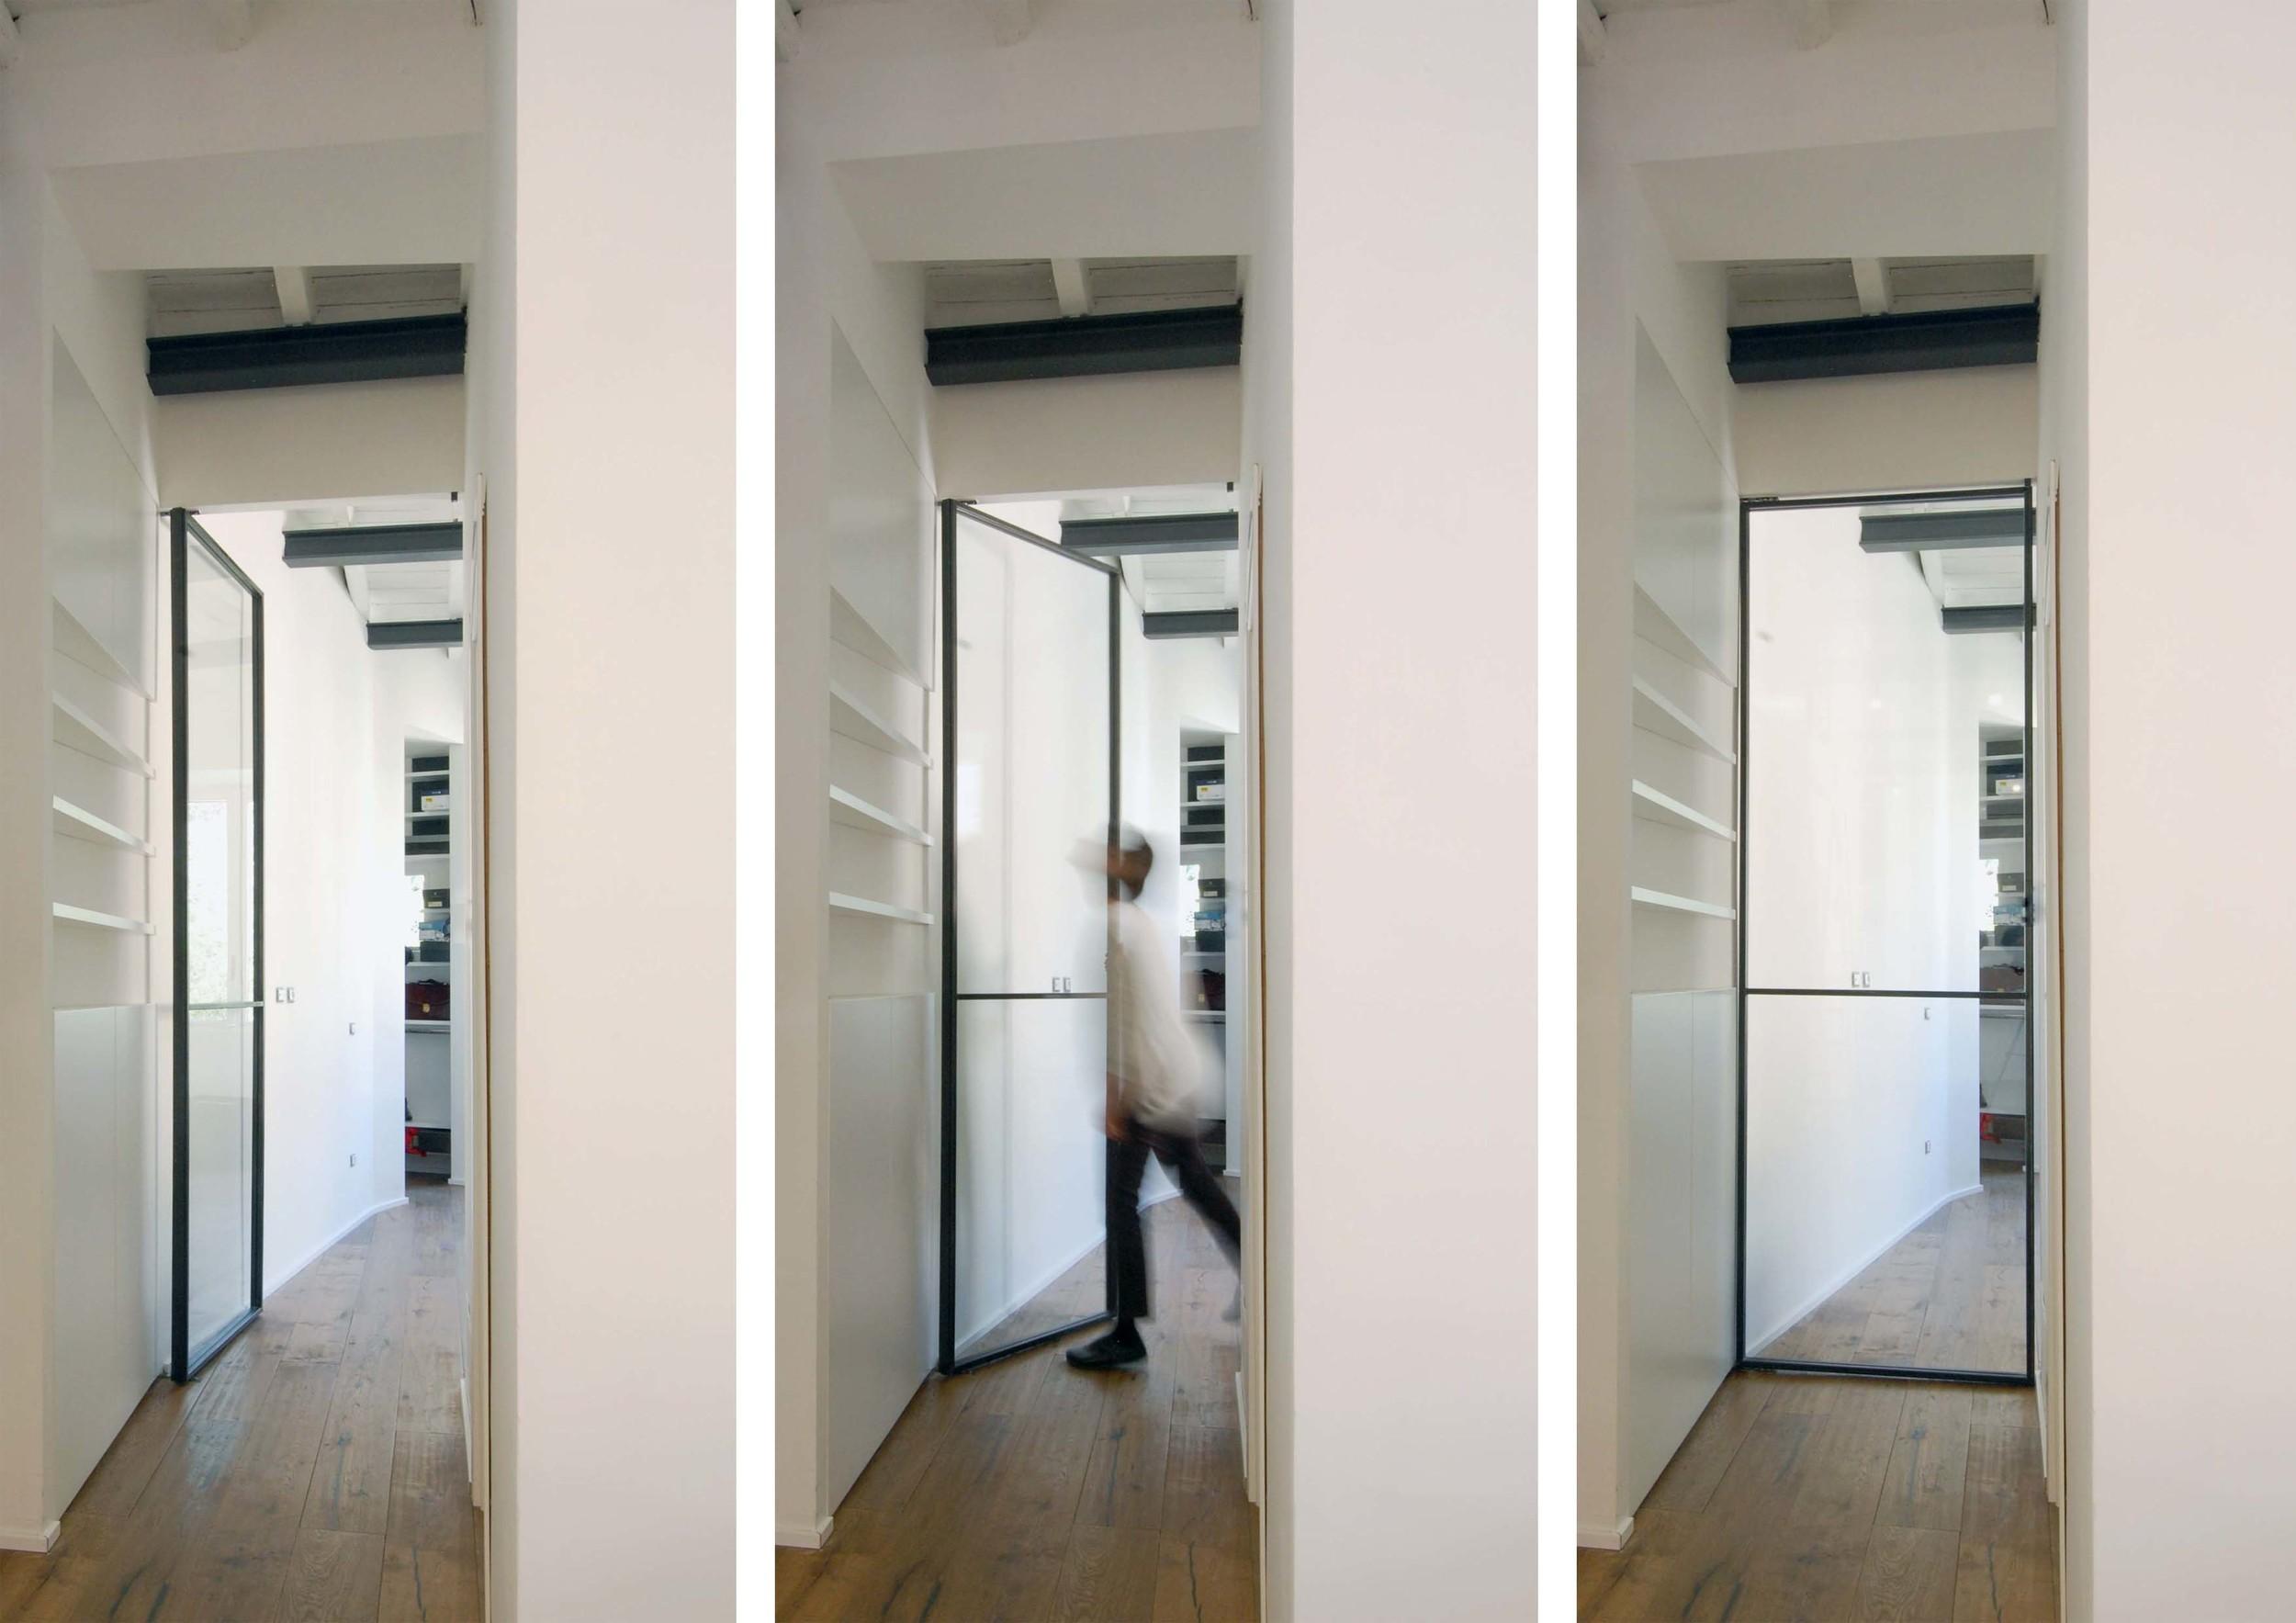 La porta della camera da letto, realizzata con un sottile profilo in ferro e un'ampia superficie vetrata, per dare continuità visiva allo spazio.